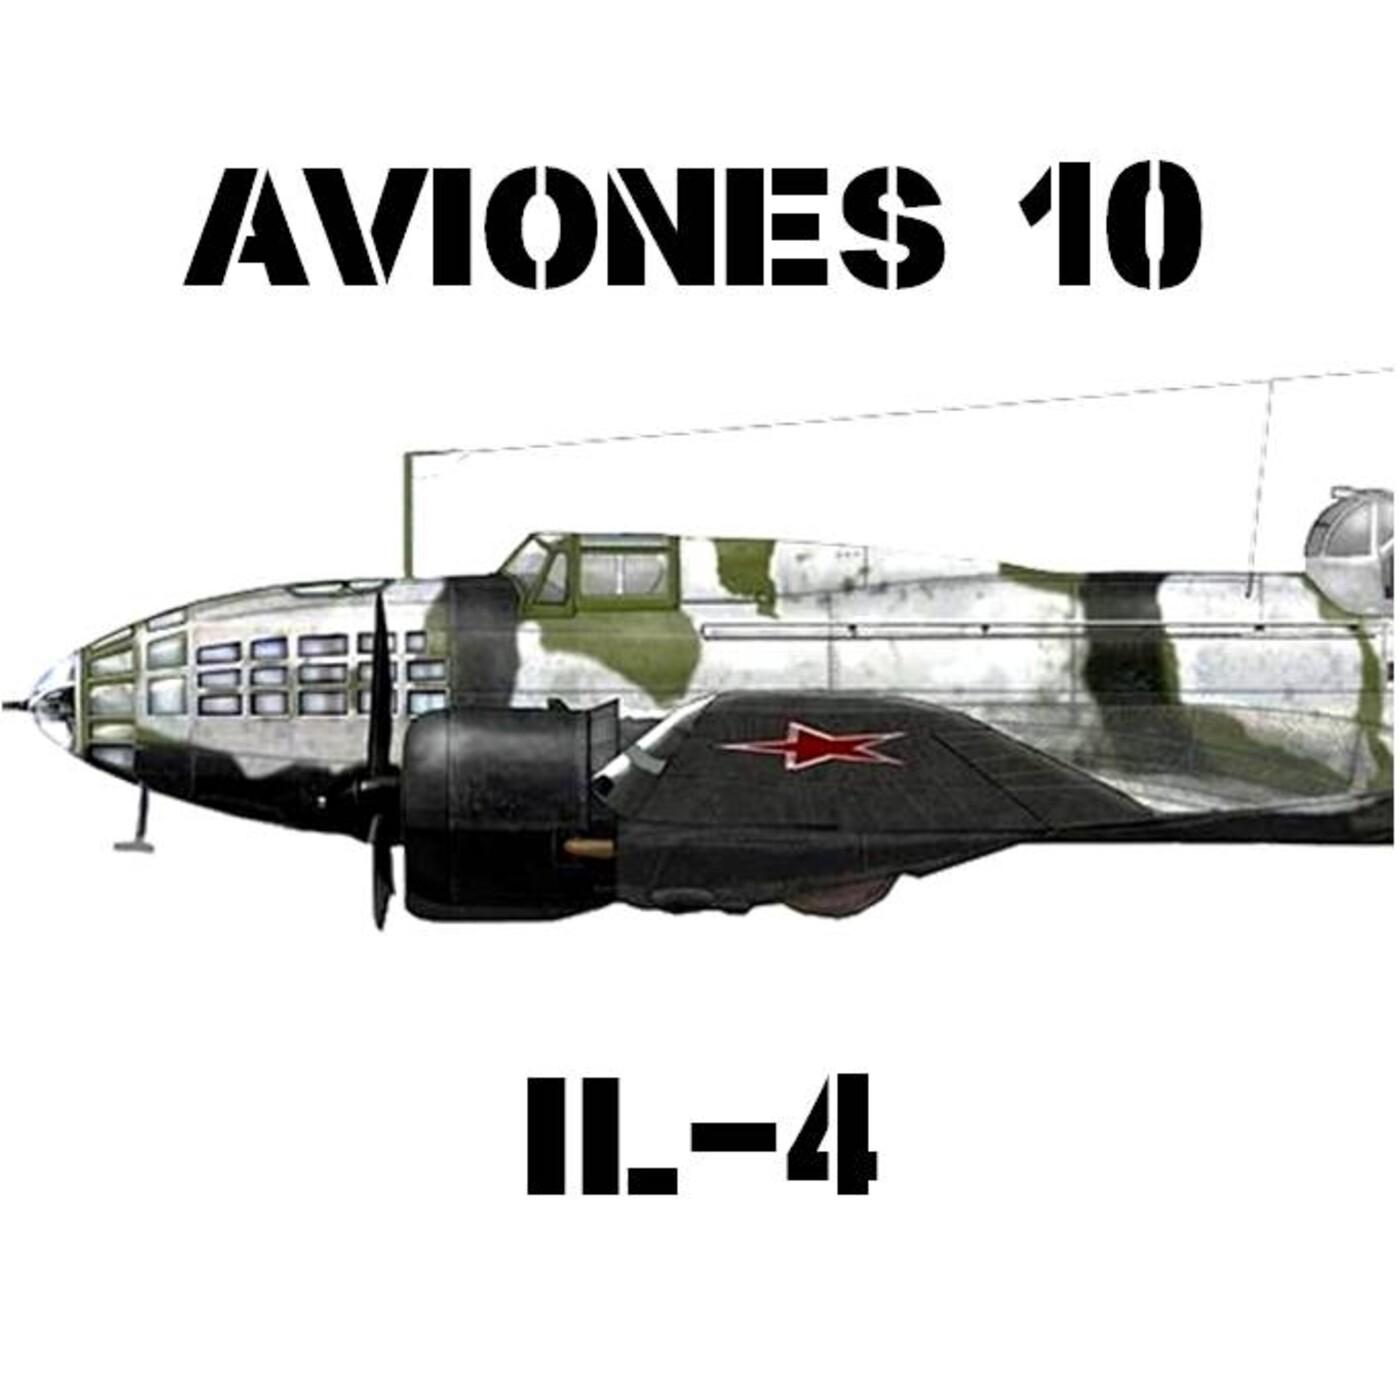 AVIONES 10 #85 Ilyushin Il-4 el bombardero soviético